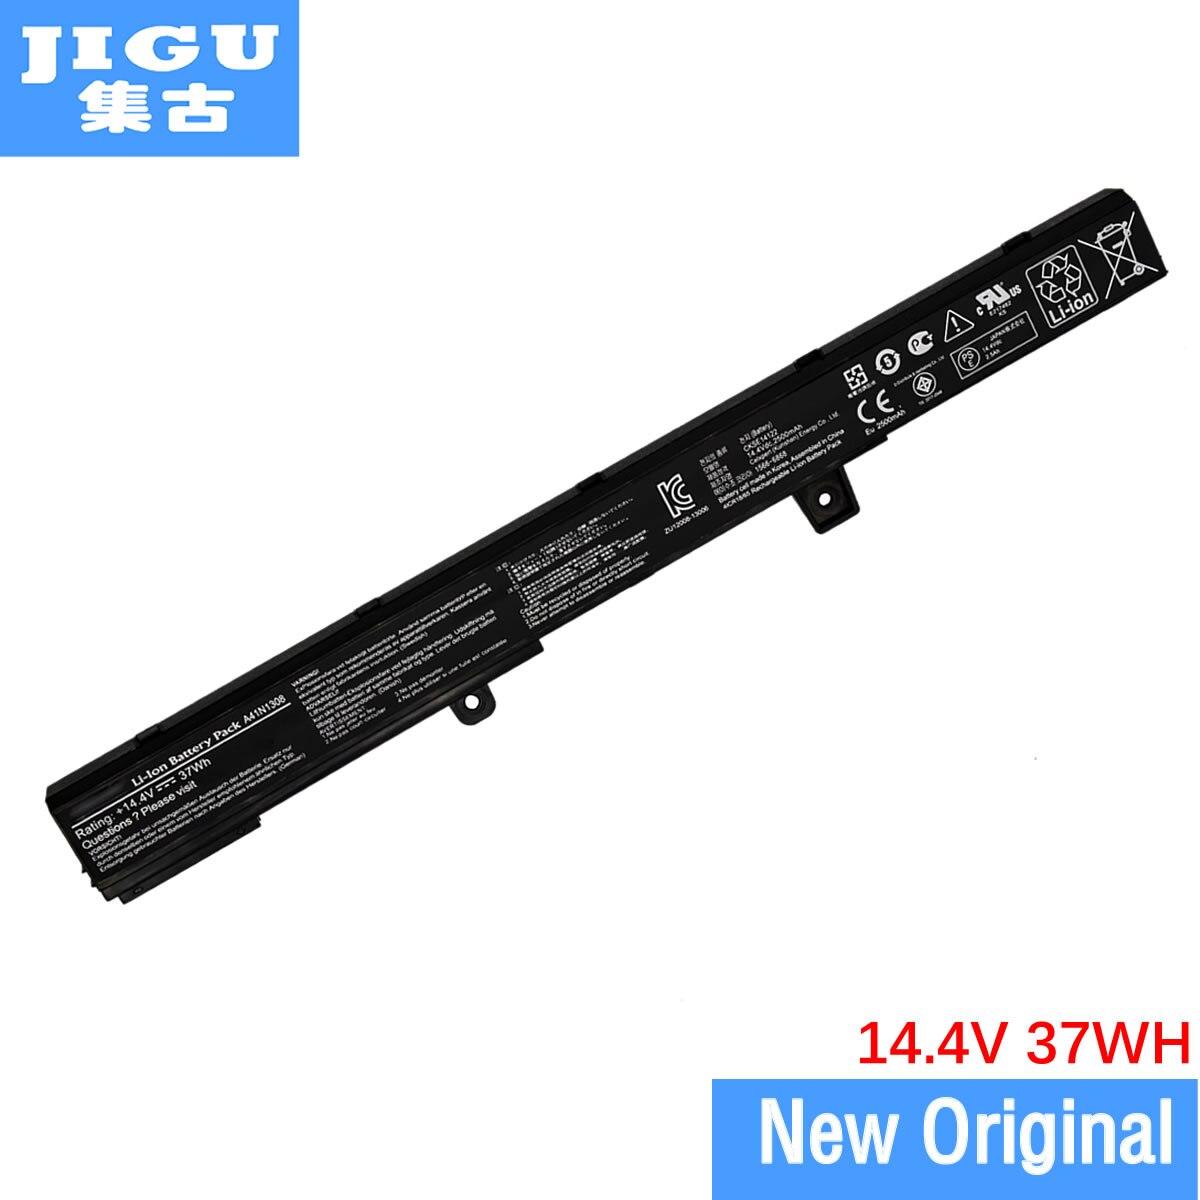 JIGU A31N1319 A41N1308 الأصلي بطارية كمبيوتر محمول ل Asus X451 X451C X451CA X551 X551C X551CA D550M D550MA F551M X551MA